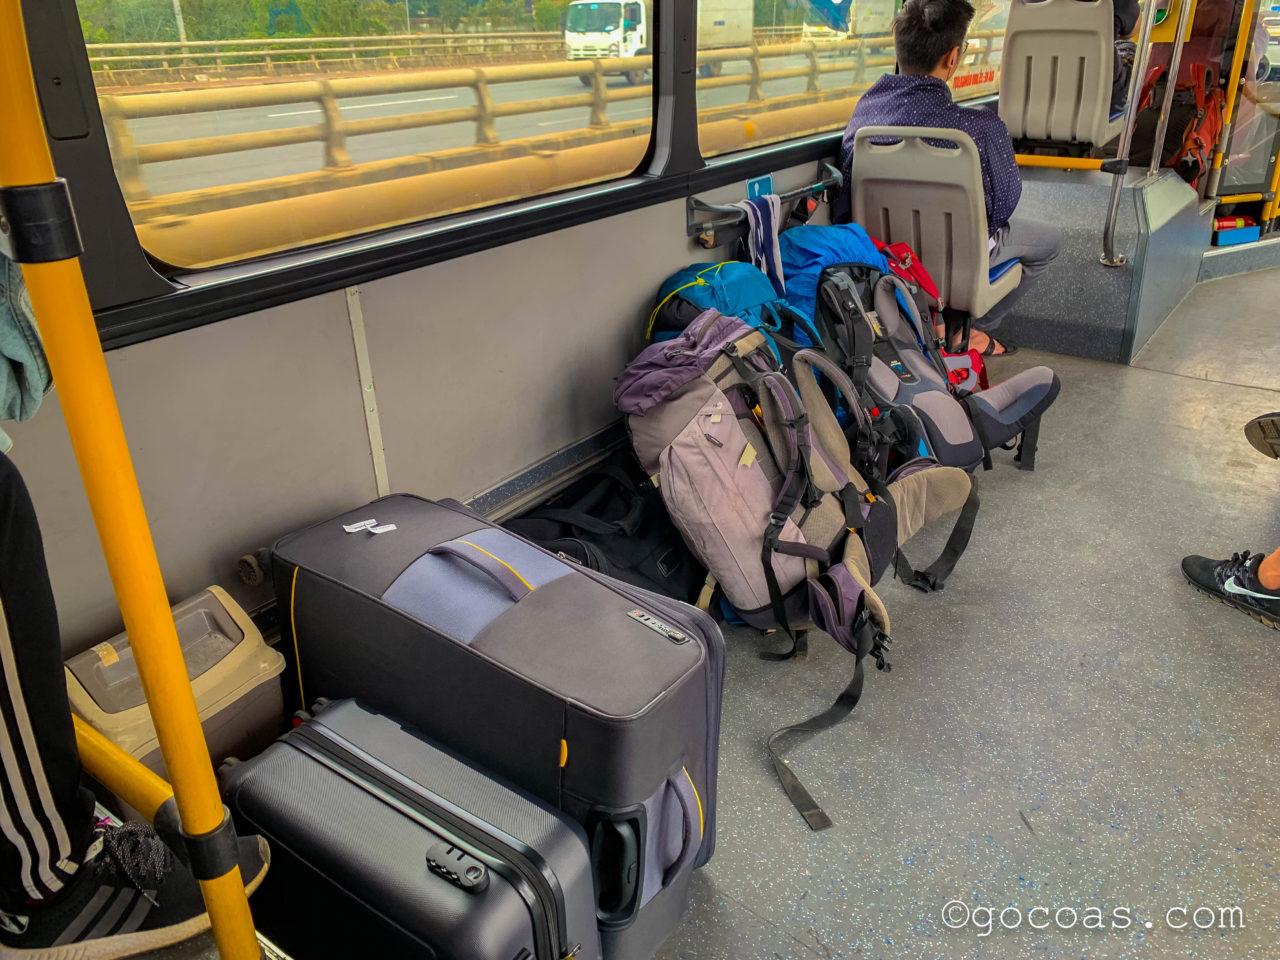 86番バス荷物置き場